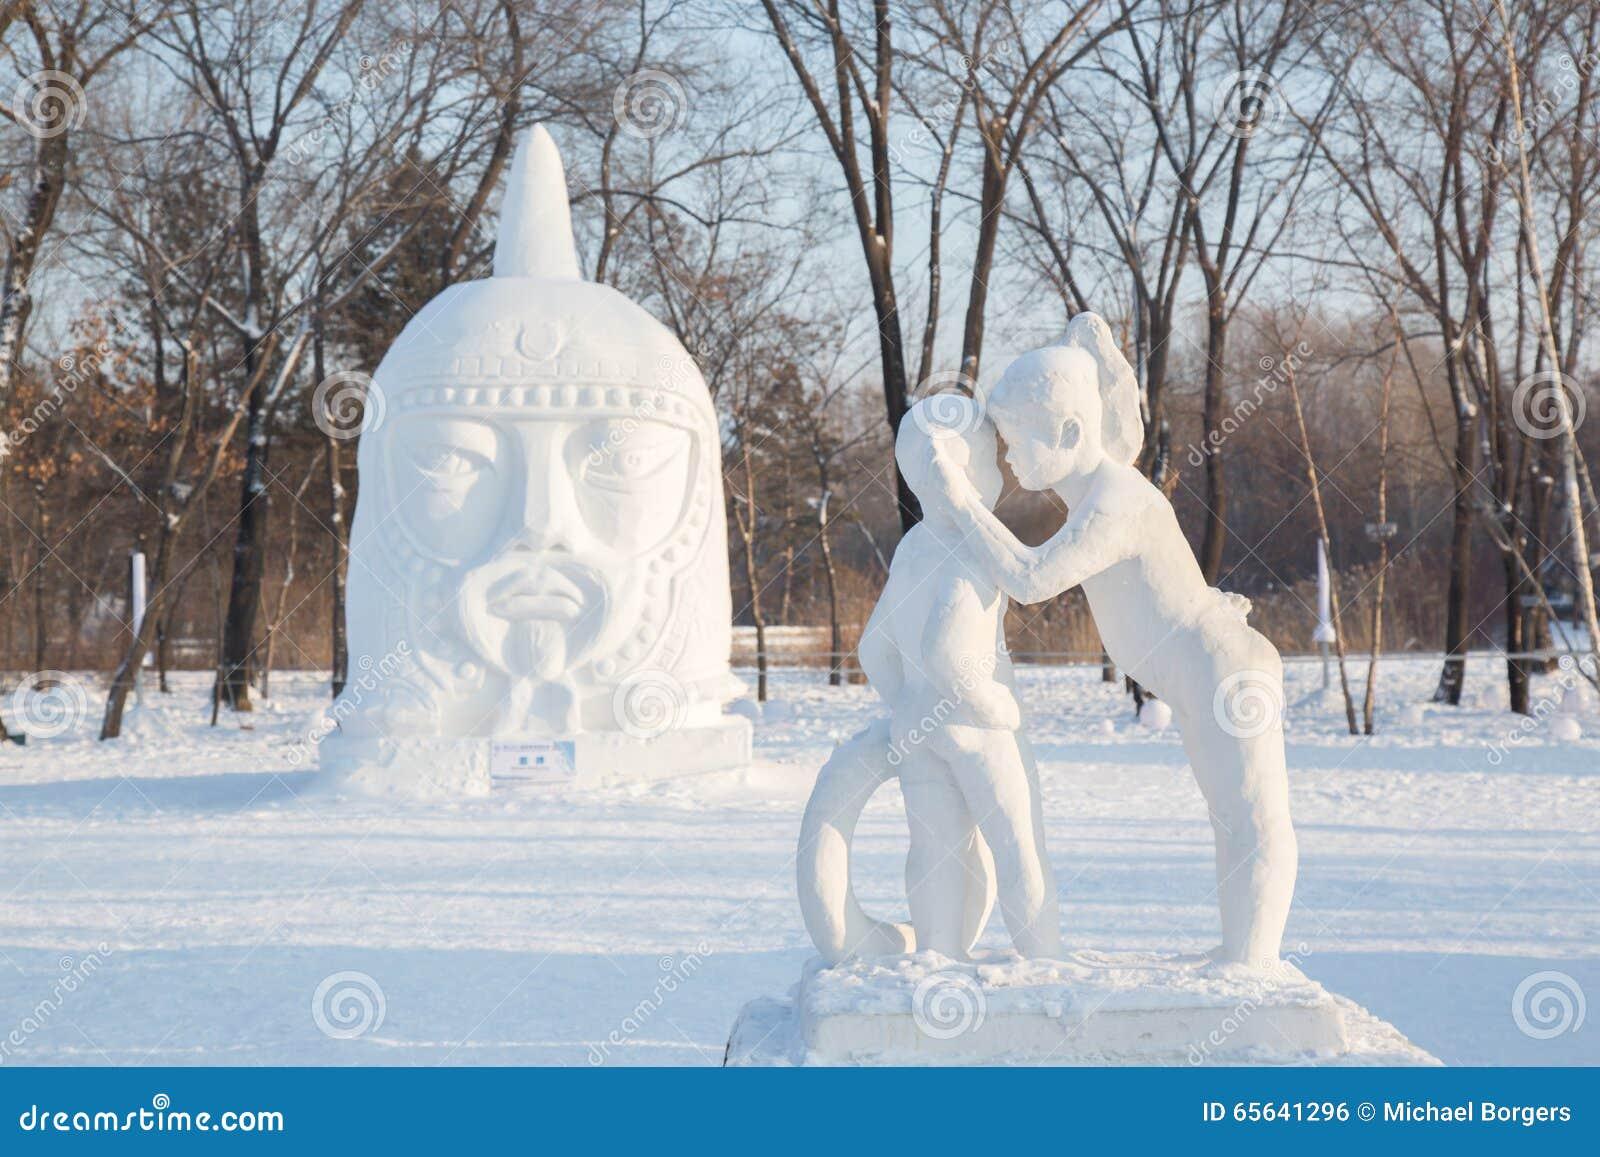 Fille chuchotant dans la sculpture en oreille de garçons